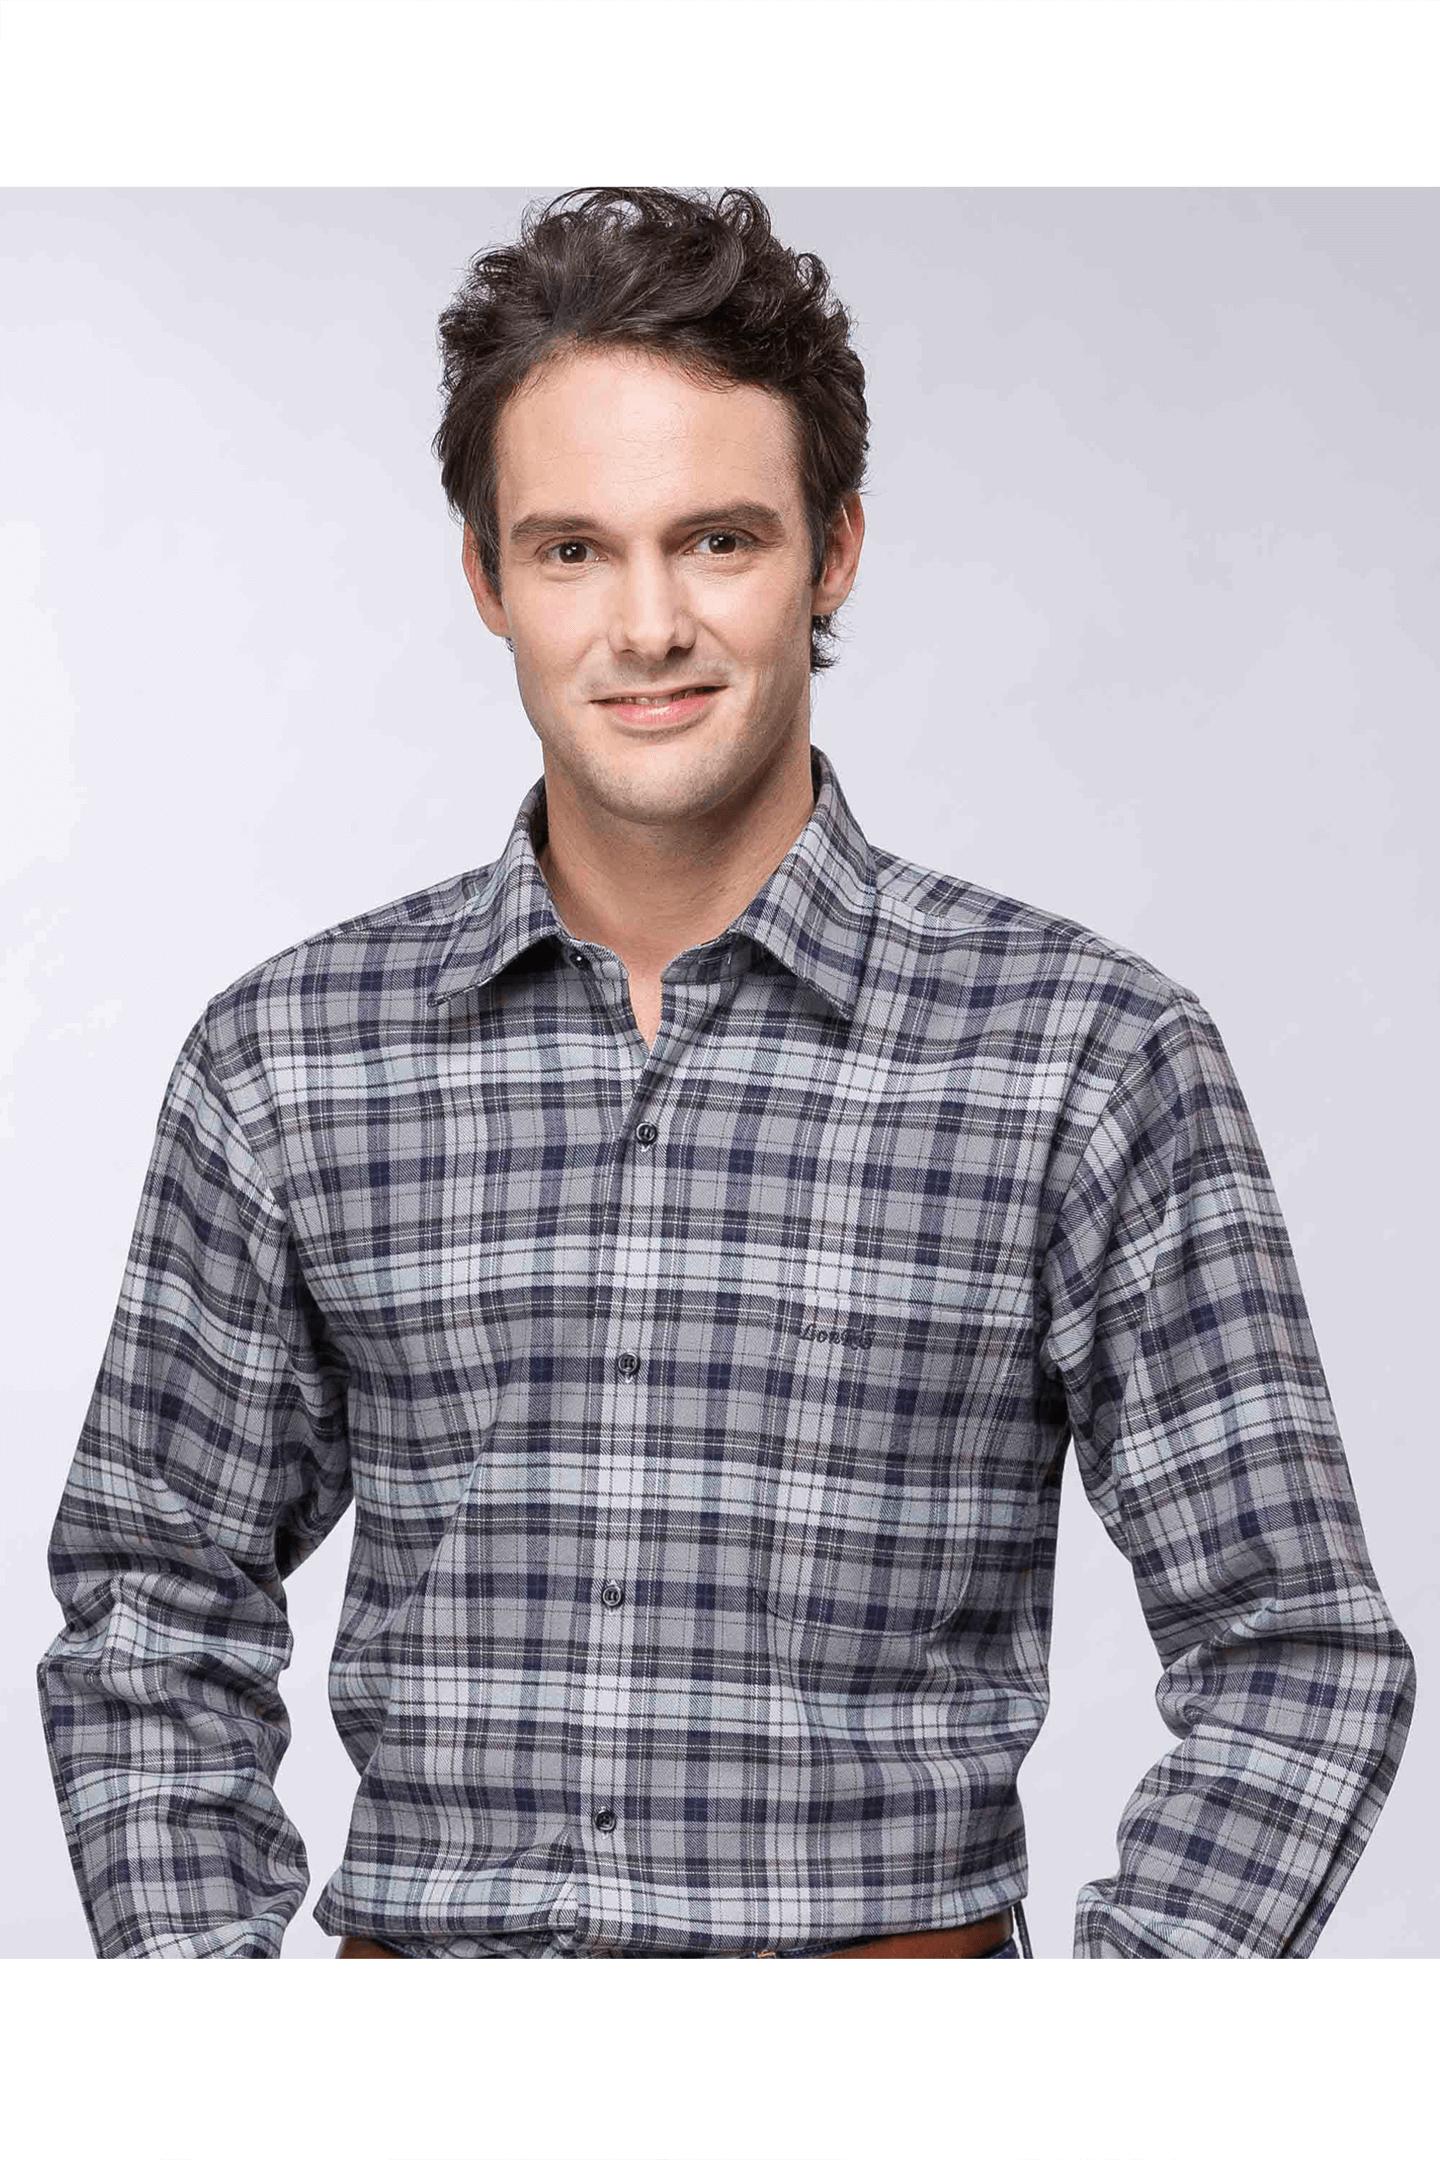 雙色格紋保暖長袖襯衫(灰黑 ) / 保暖 舒適透氣